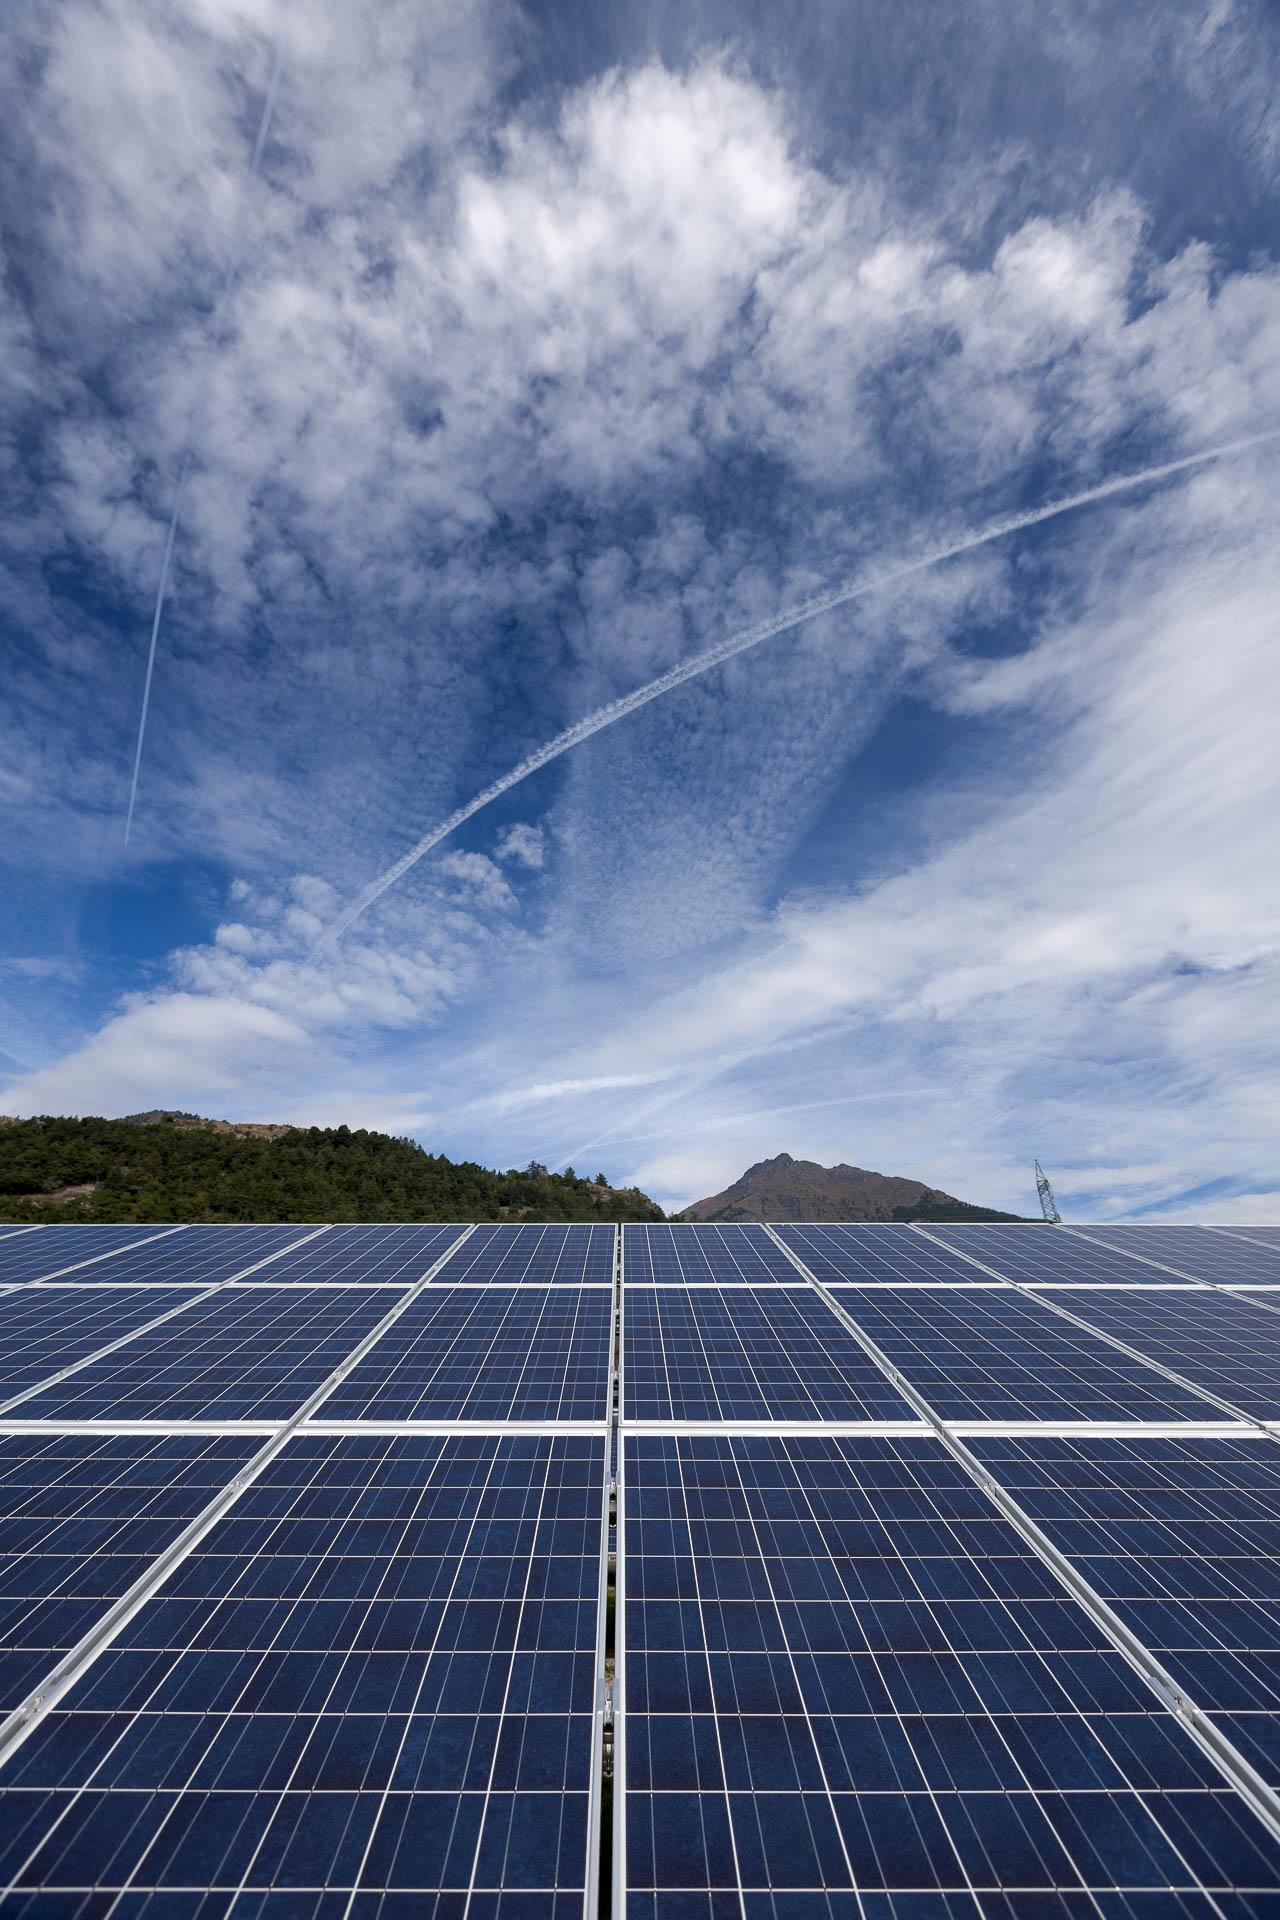 Impianto produzione energia verde rinnovabile fotovoltaica La Tour pannelli solari